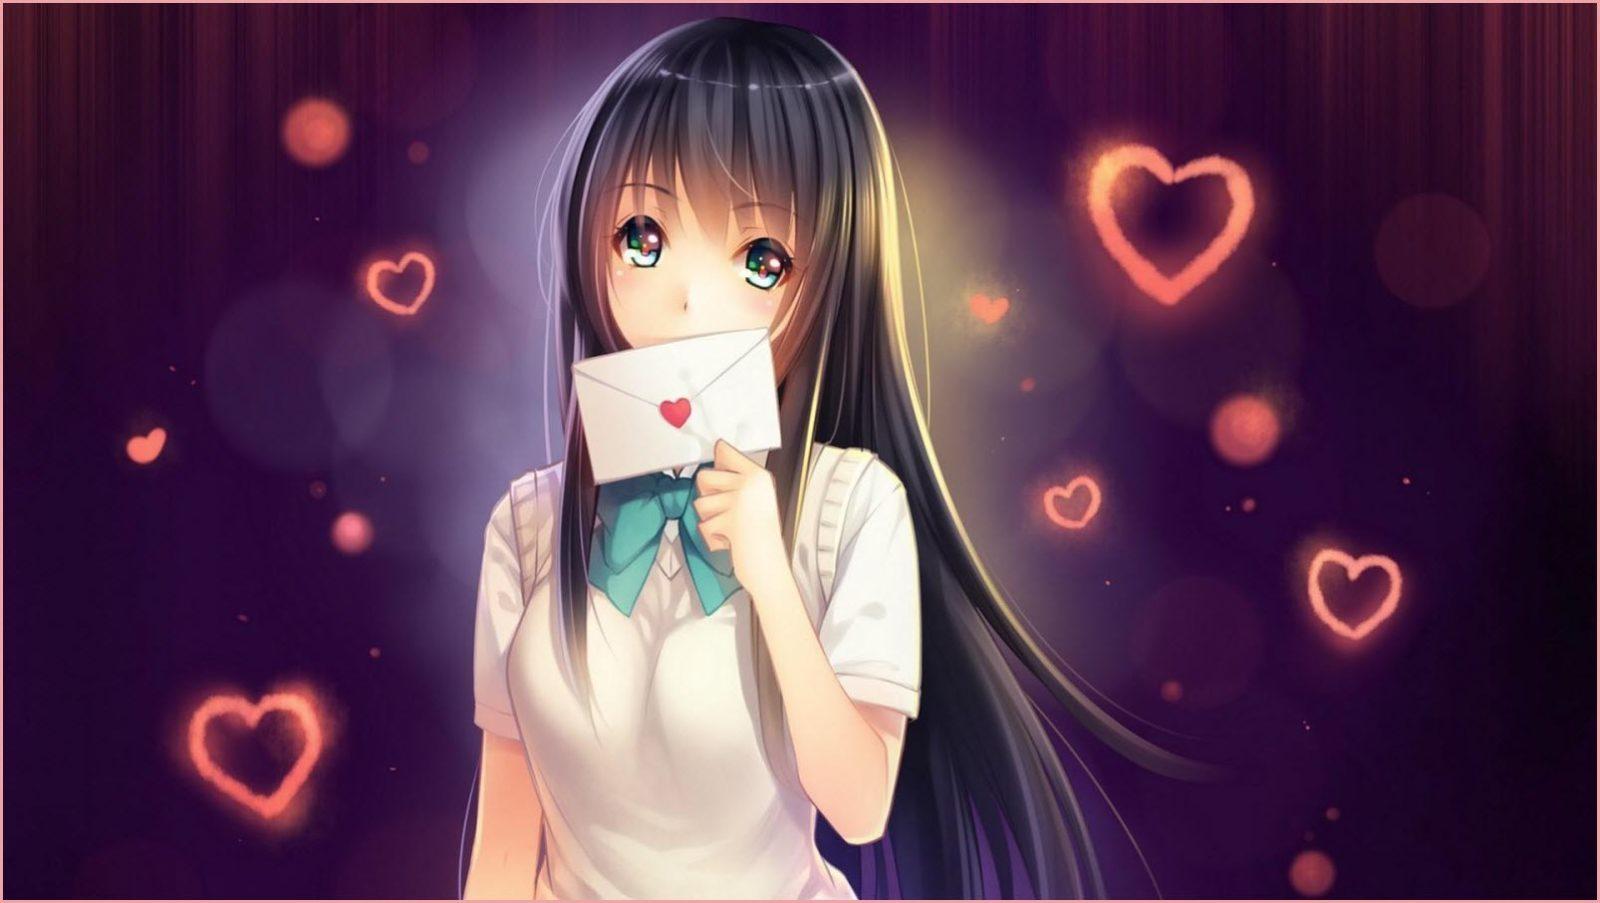 девушка аниме с письмом